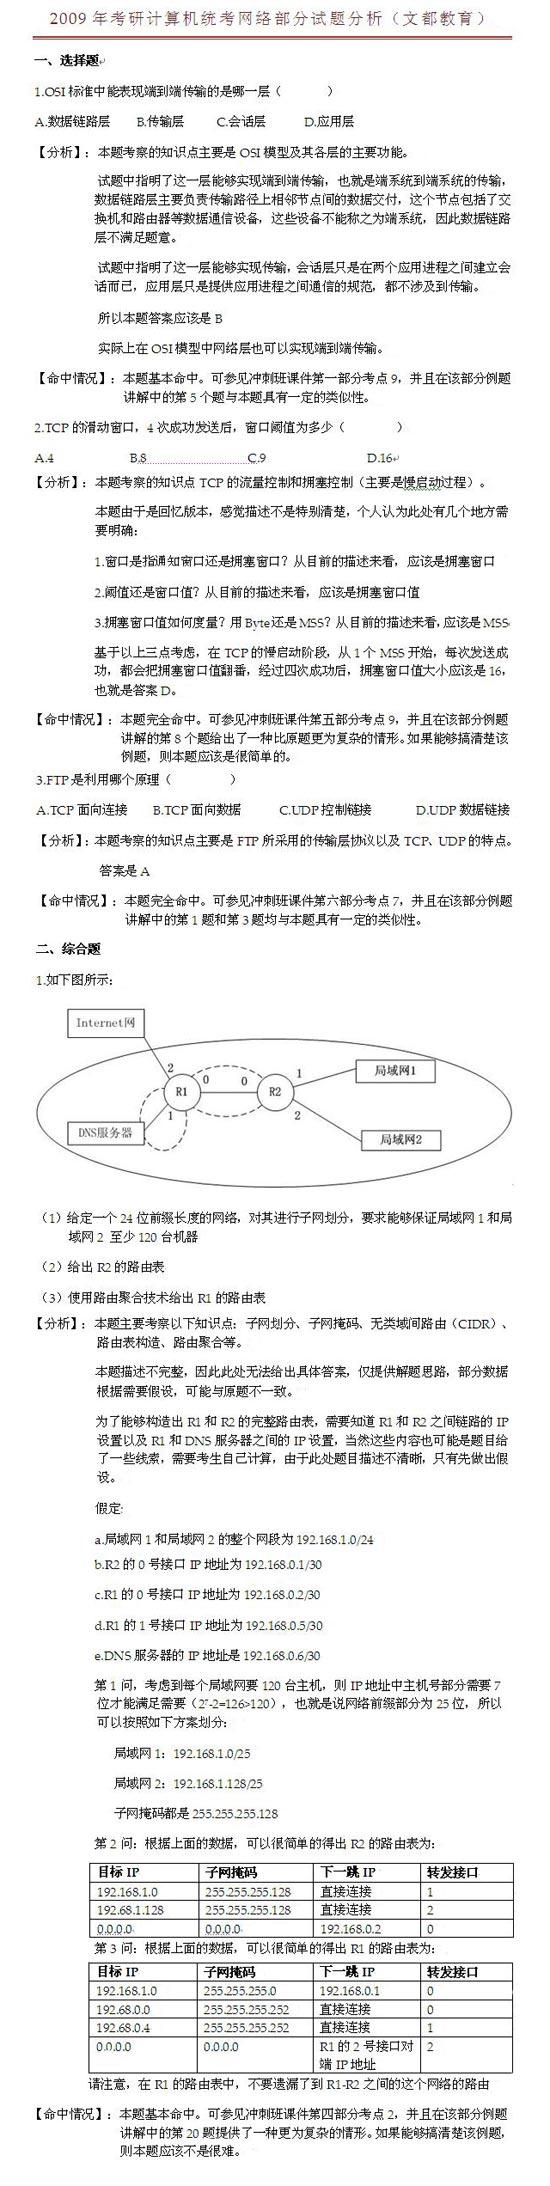 09年考研计算机统考网络部分试题分析